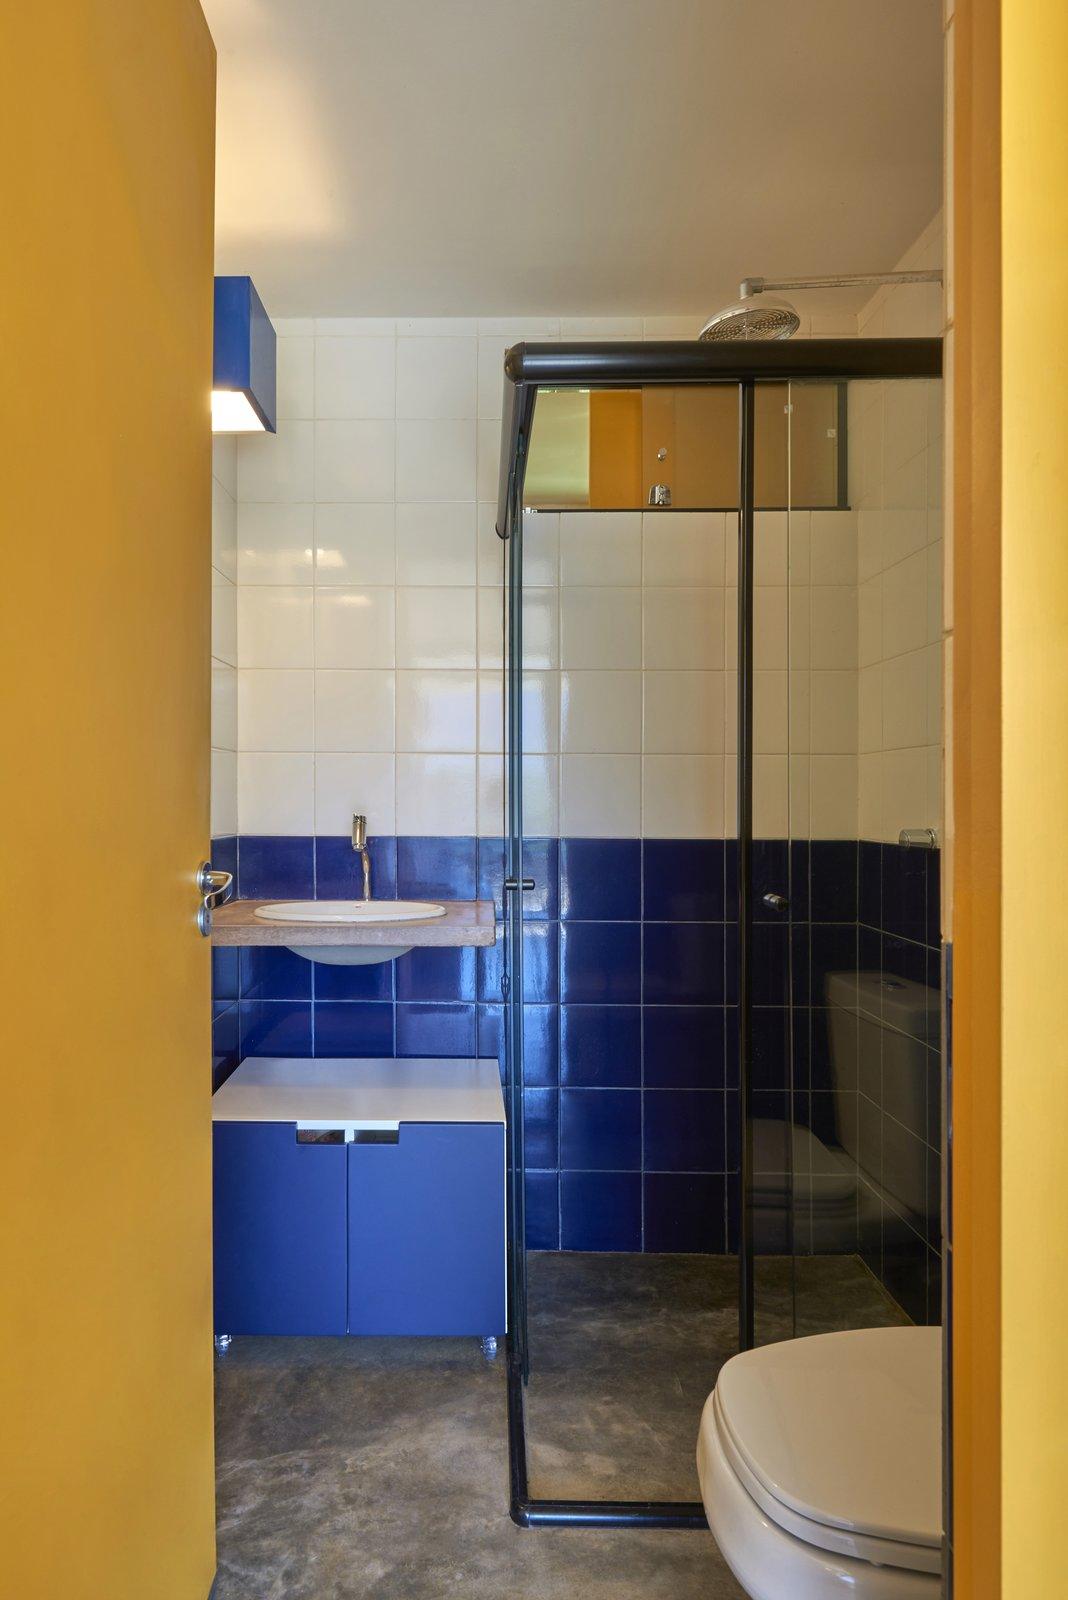 Photo 47 Of 180 In Bath Porcelain Tile, Cobalt Blue Bathroom Tile